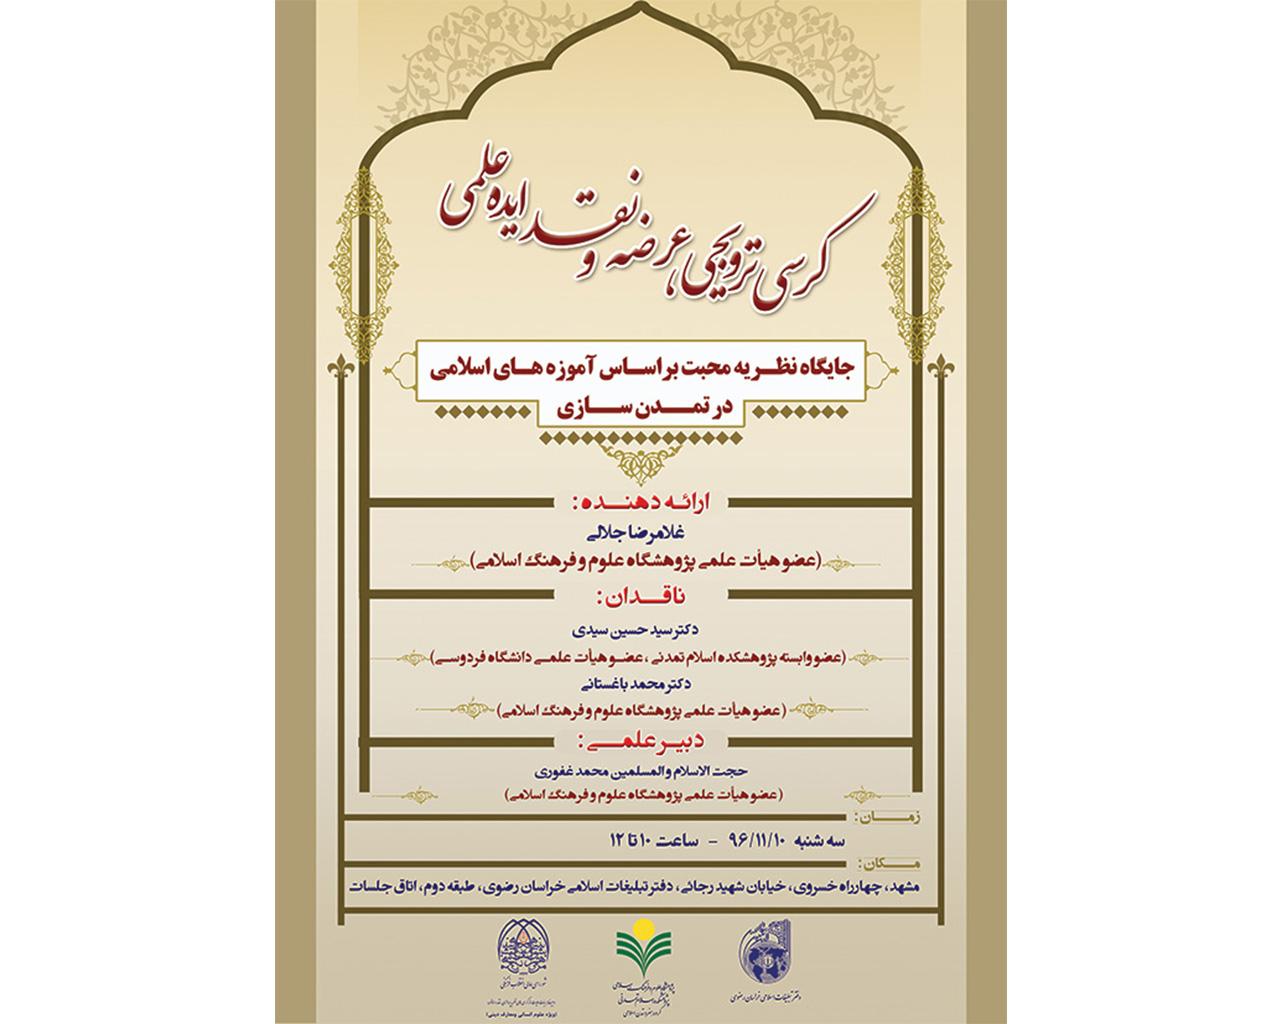 کرسی ترویجی، عرضه و نقد ایده علمی جایگاه نظریه محبت براساس آموزه های اسلامی در تمدن اسلامی برگزار می گردد.